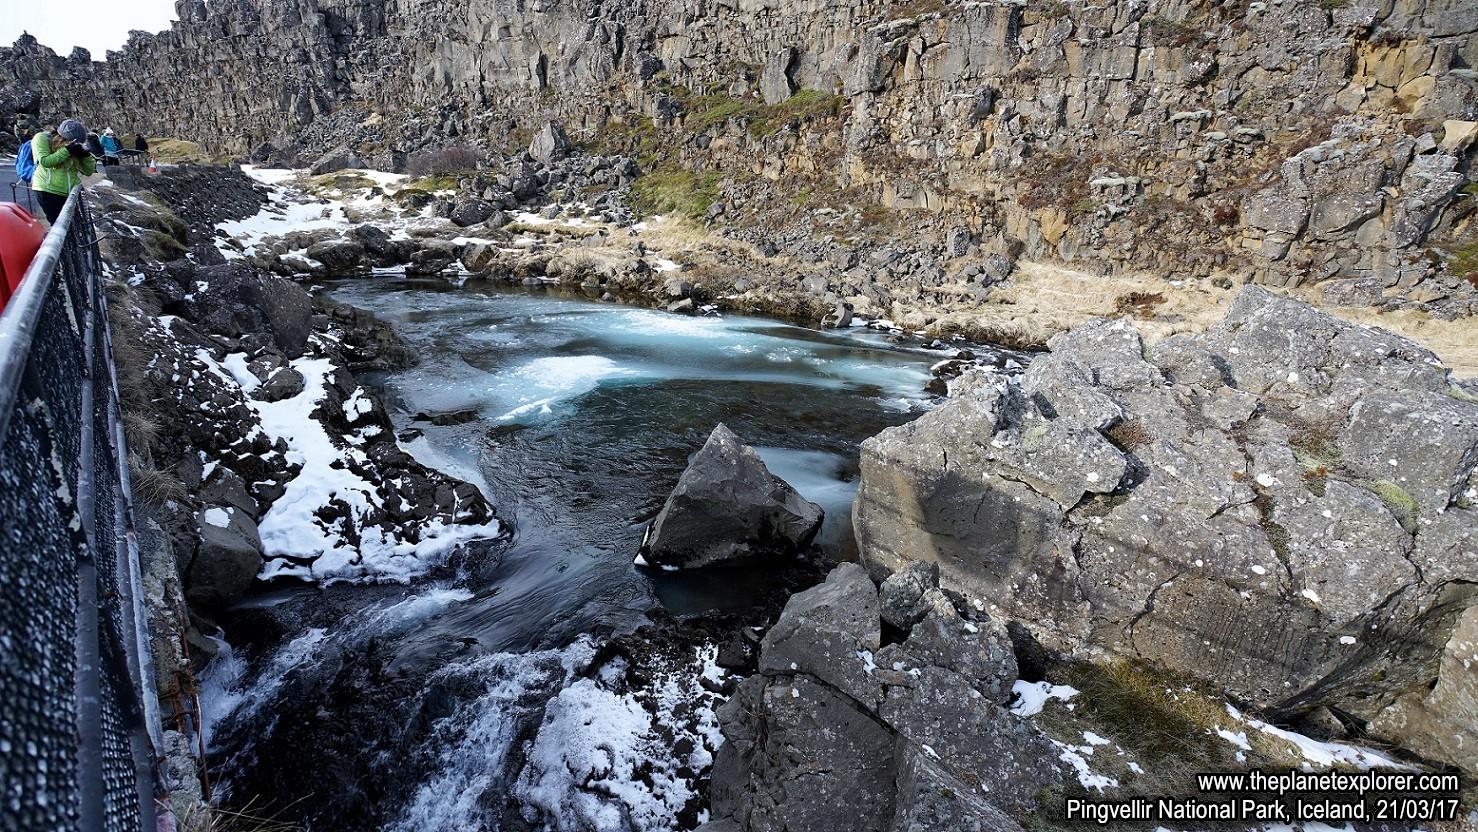 2017-03-21_1050_Iceland_Pingvellir National Park_DSC02180_s7R2_LR_@www